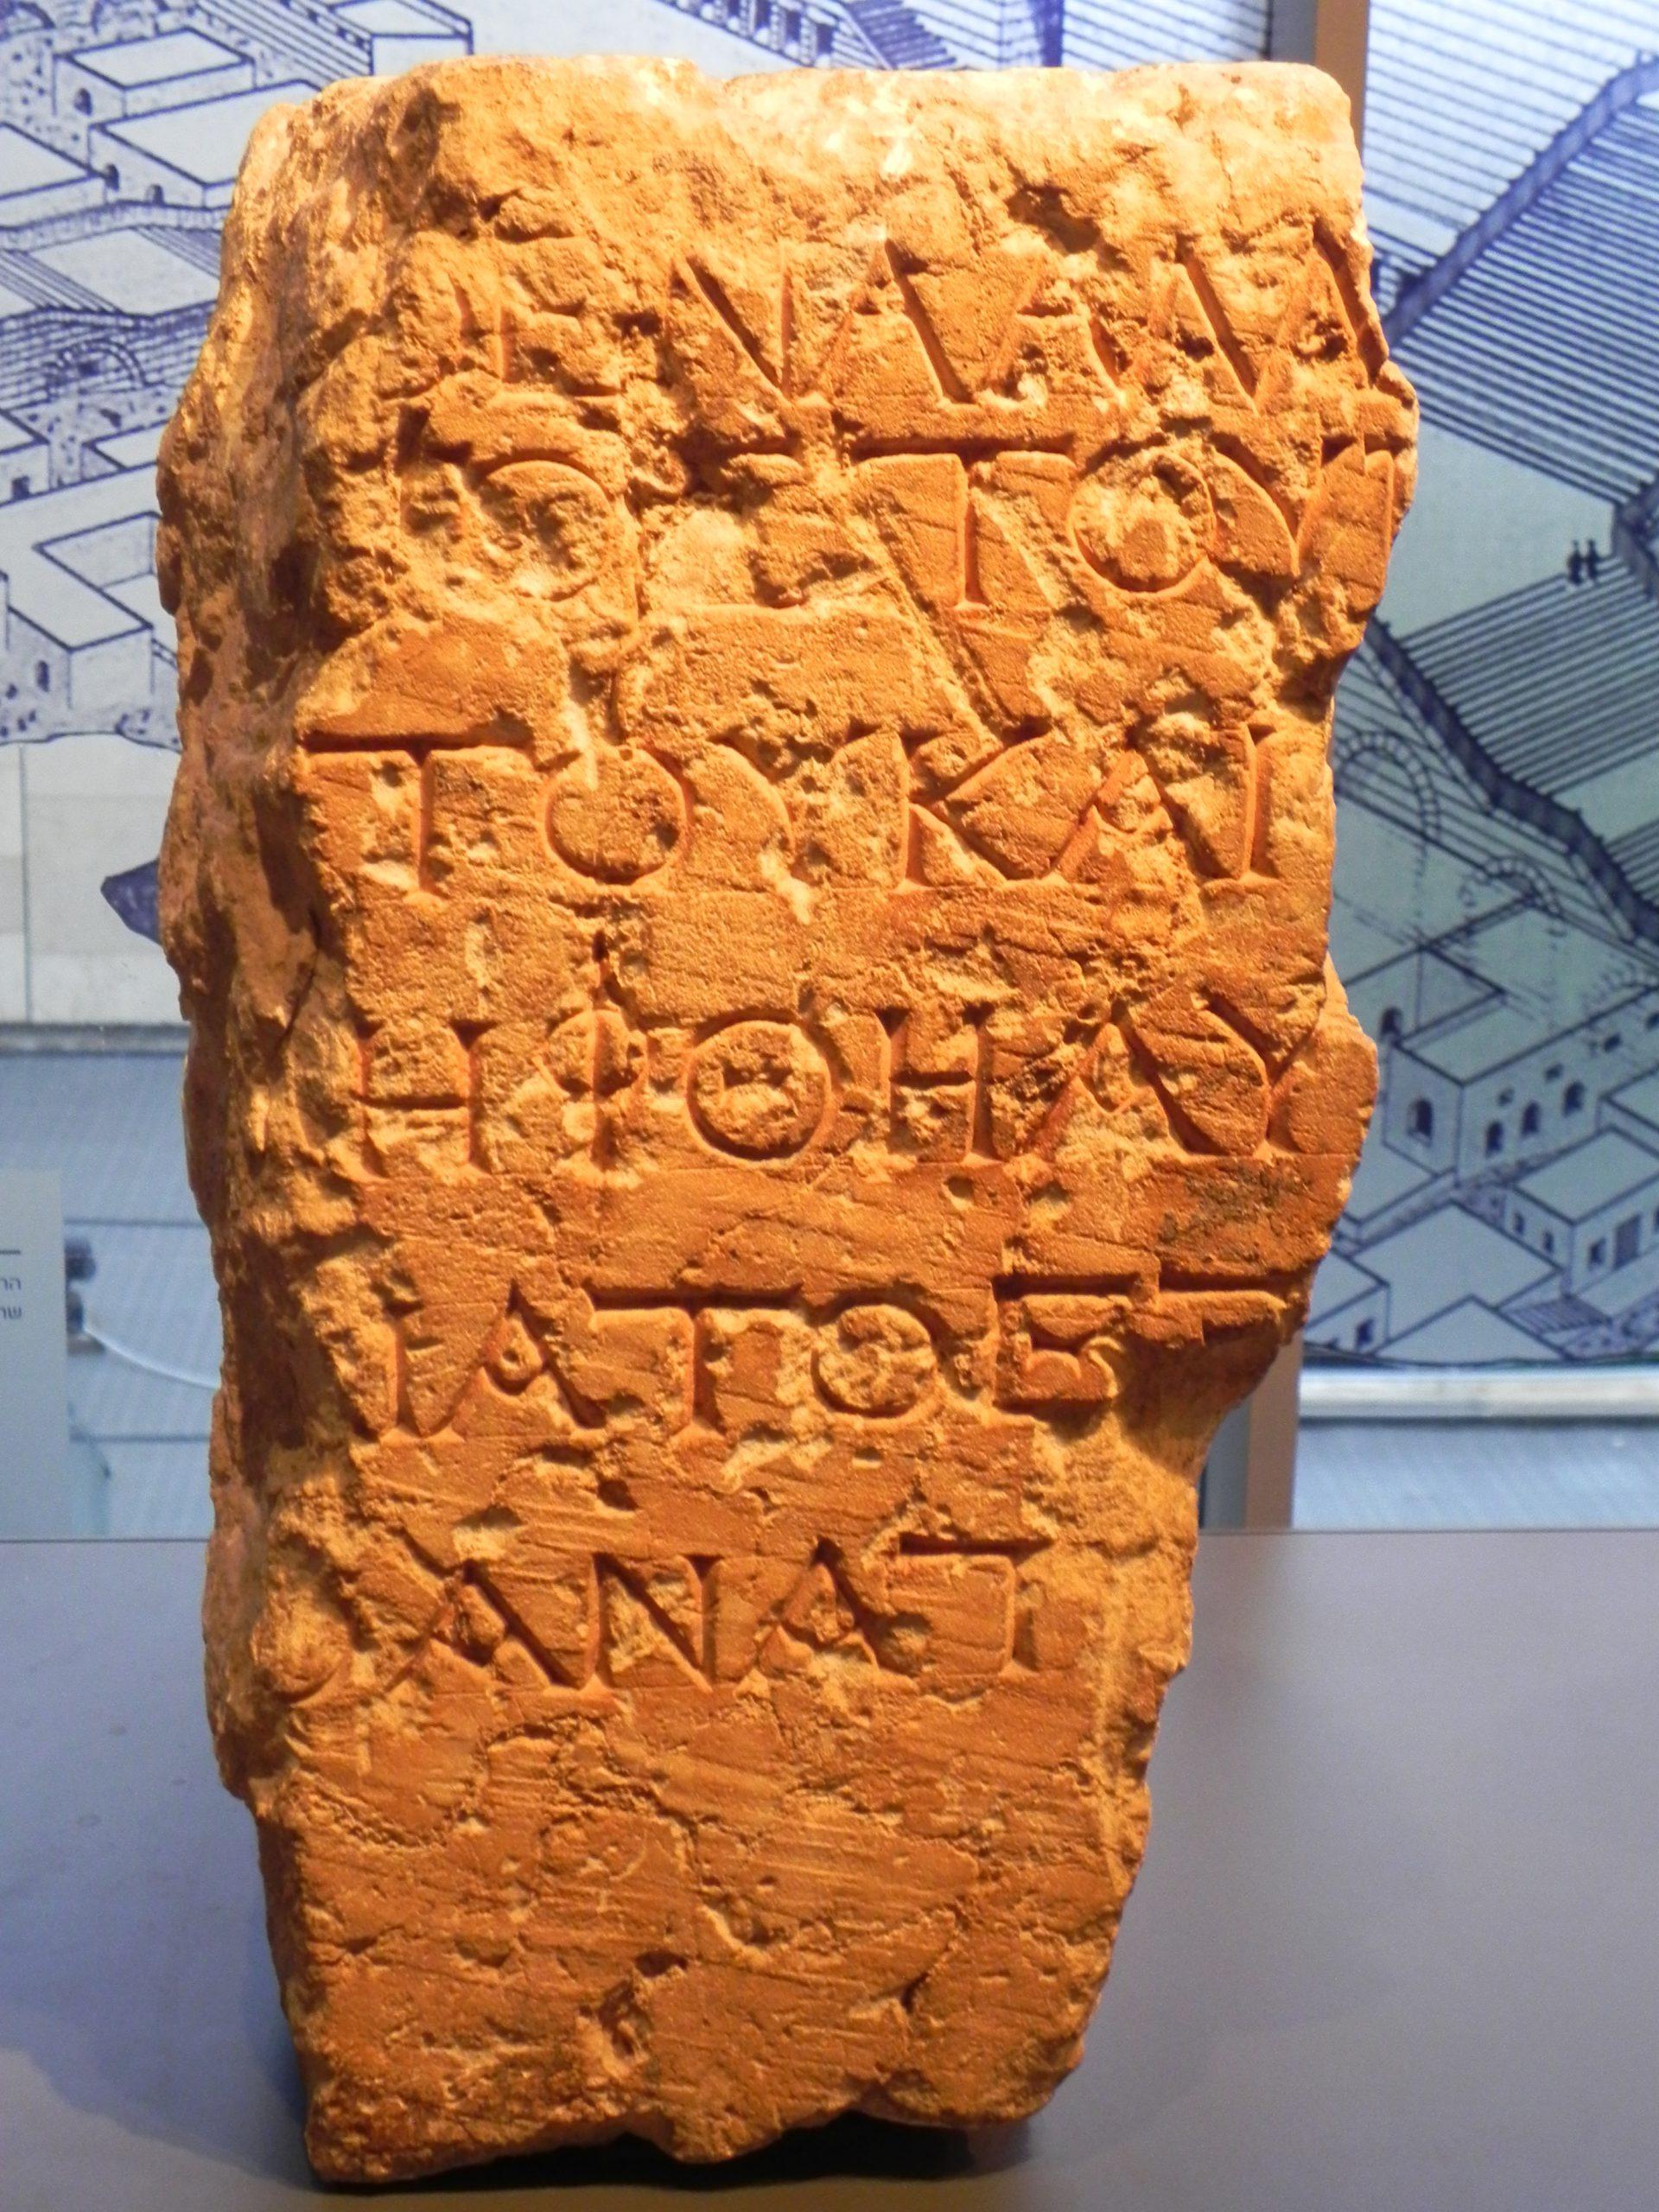 שבר כתובת הסורג, שמוצג באגף הארכאולוגיה במוזיאון ישראל בירושלים